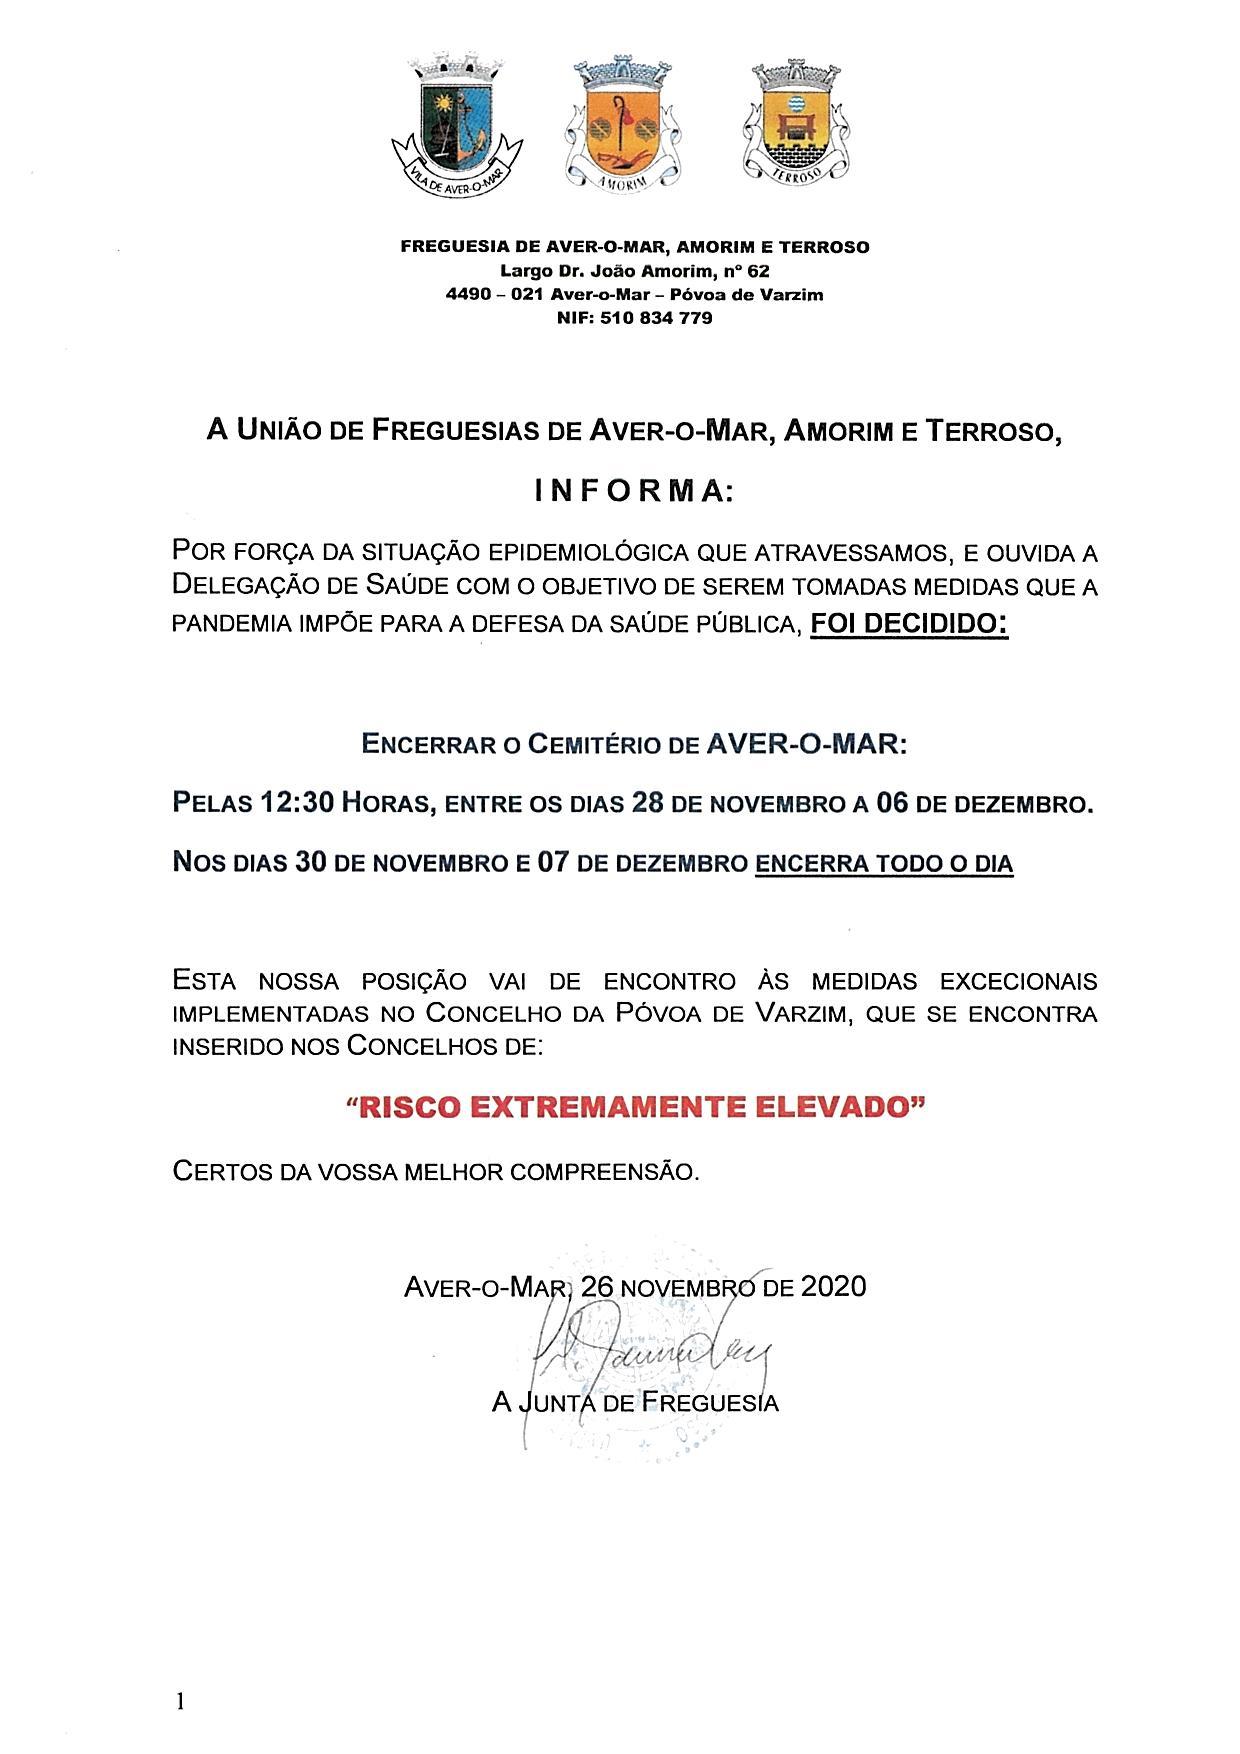 ENCERRAMENTO DO CEMITÉRIO DE AVER-O-MAR